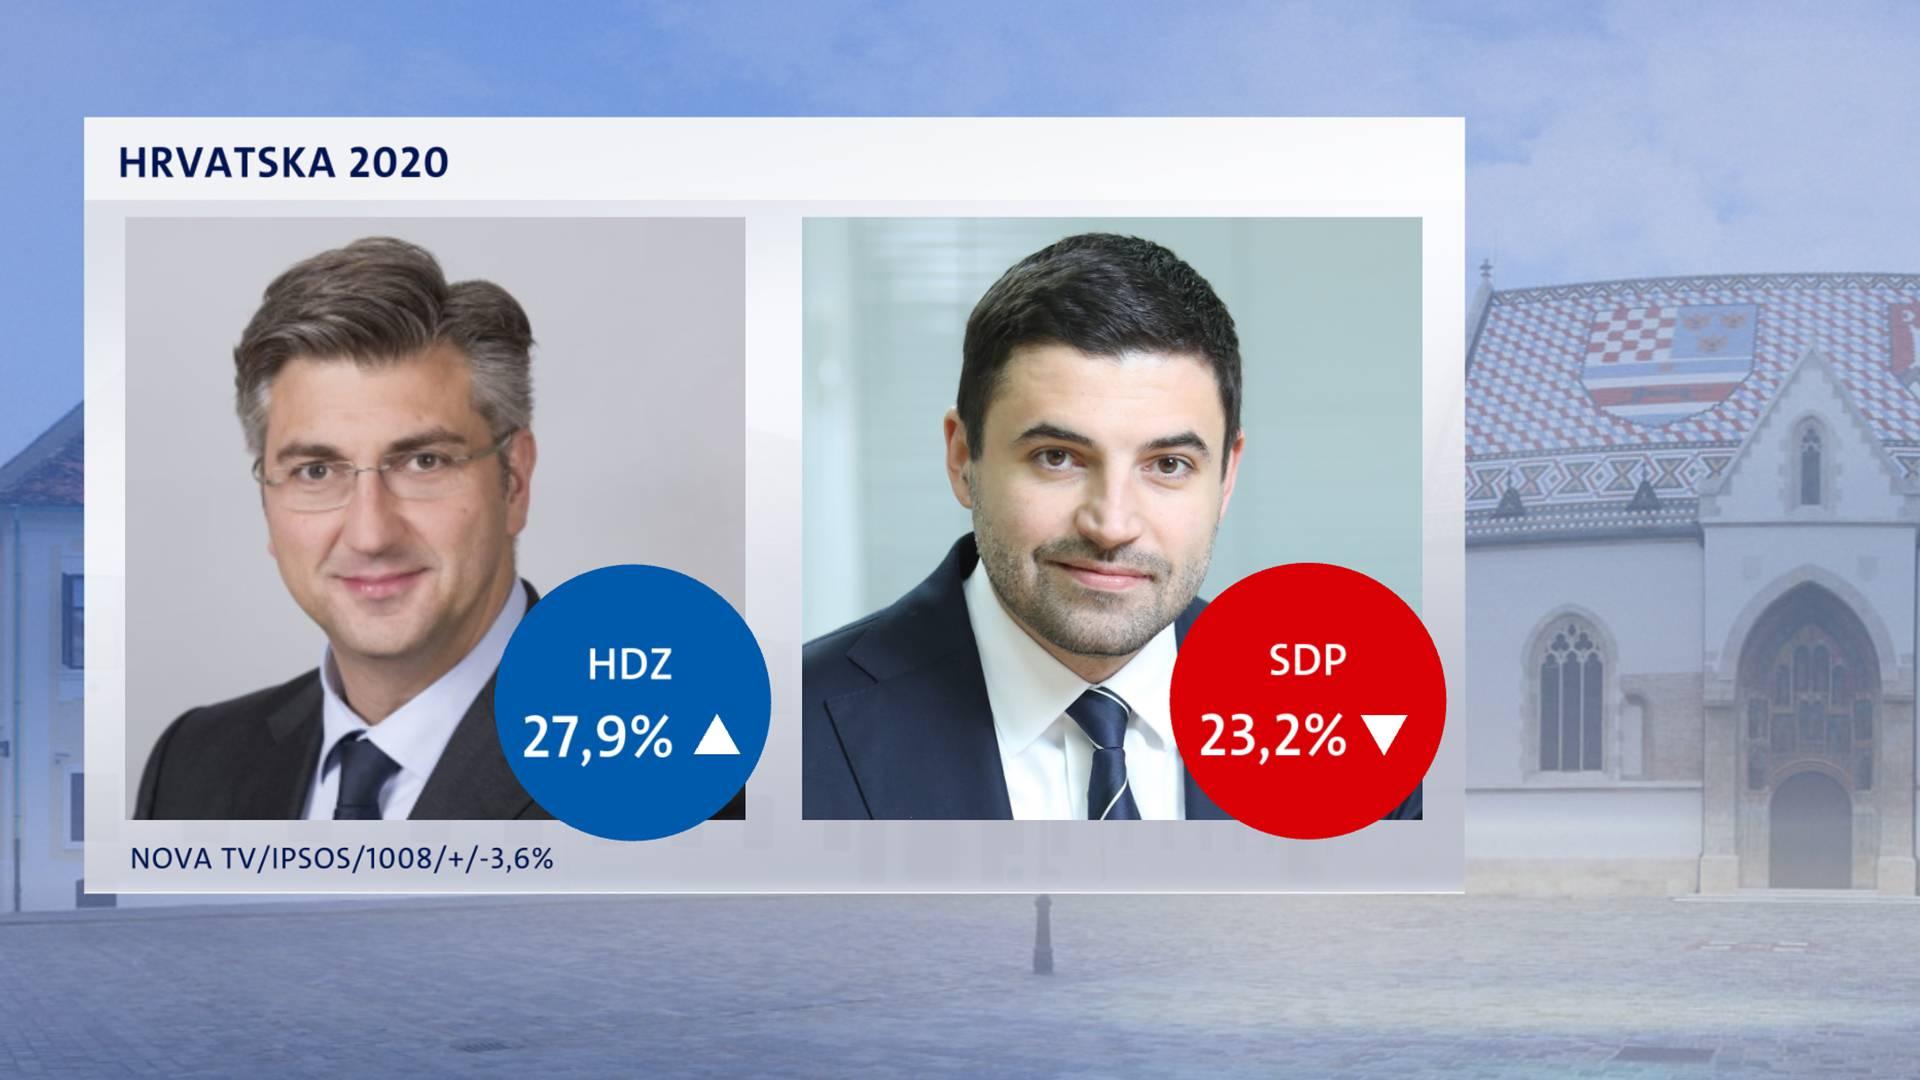 Istraživanje: HDZ je povećao prednost ispred SDP-a...